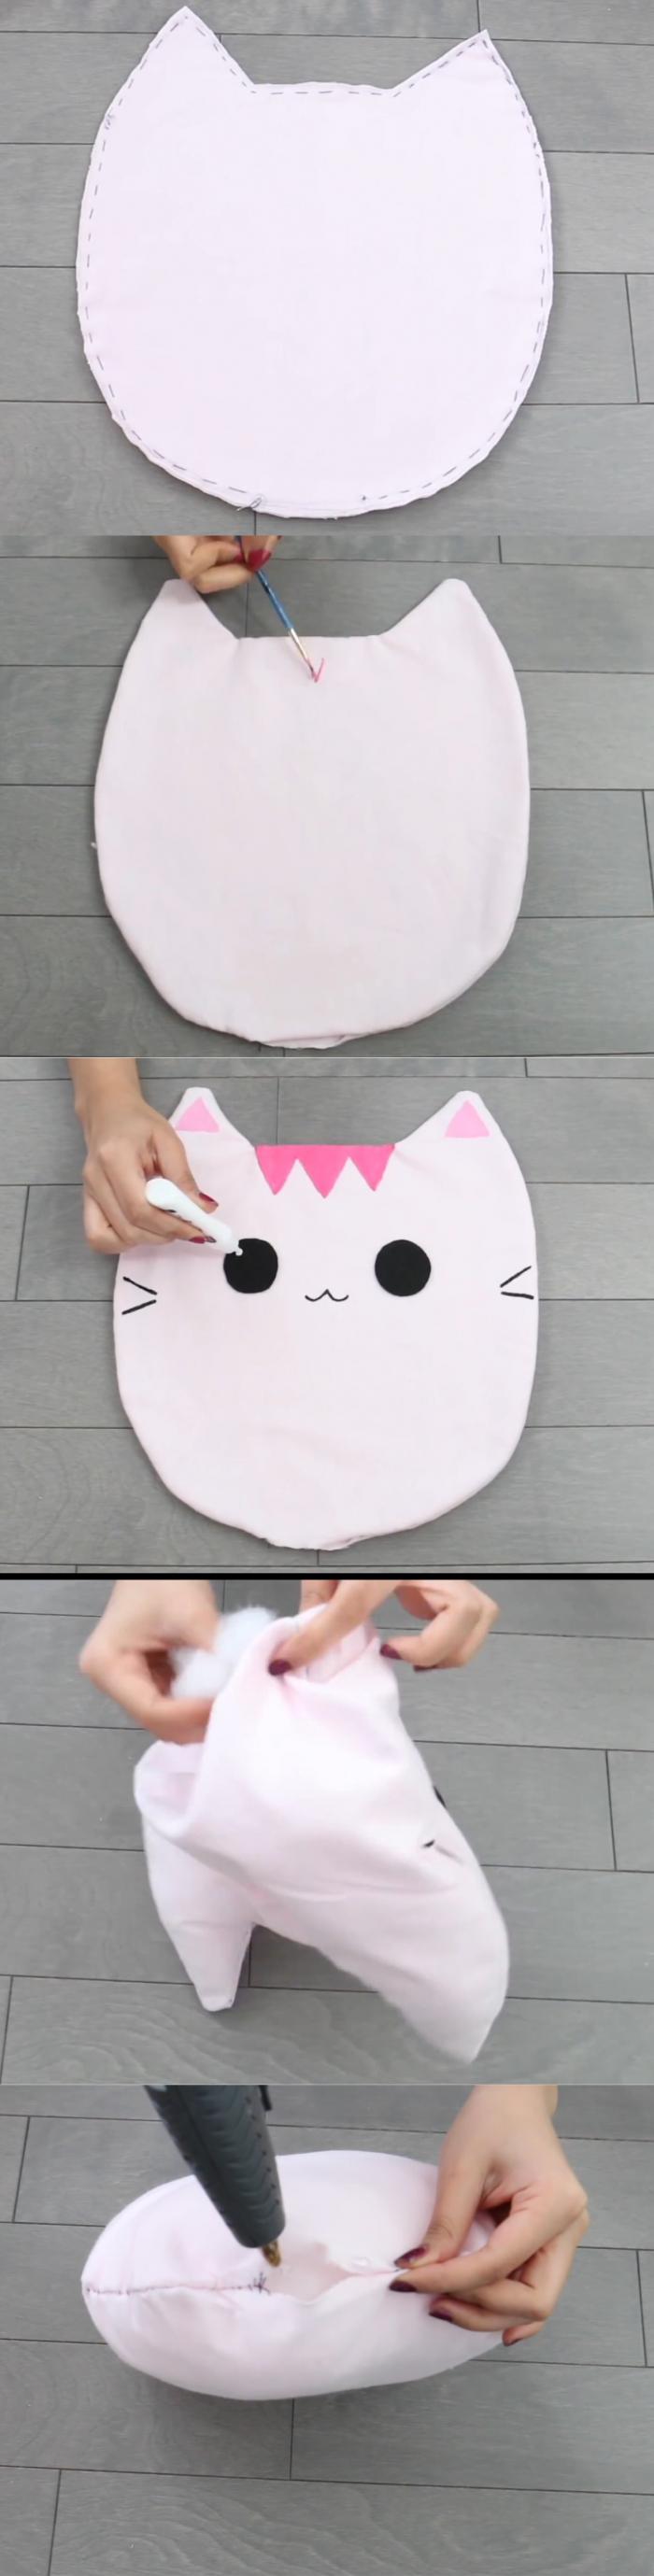 Как сшить подушку животное своими руками